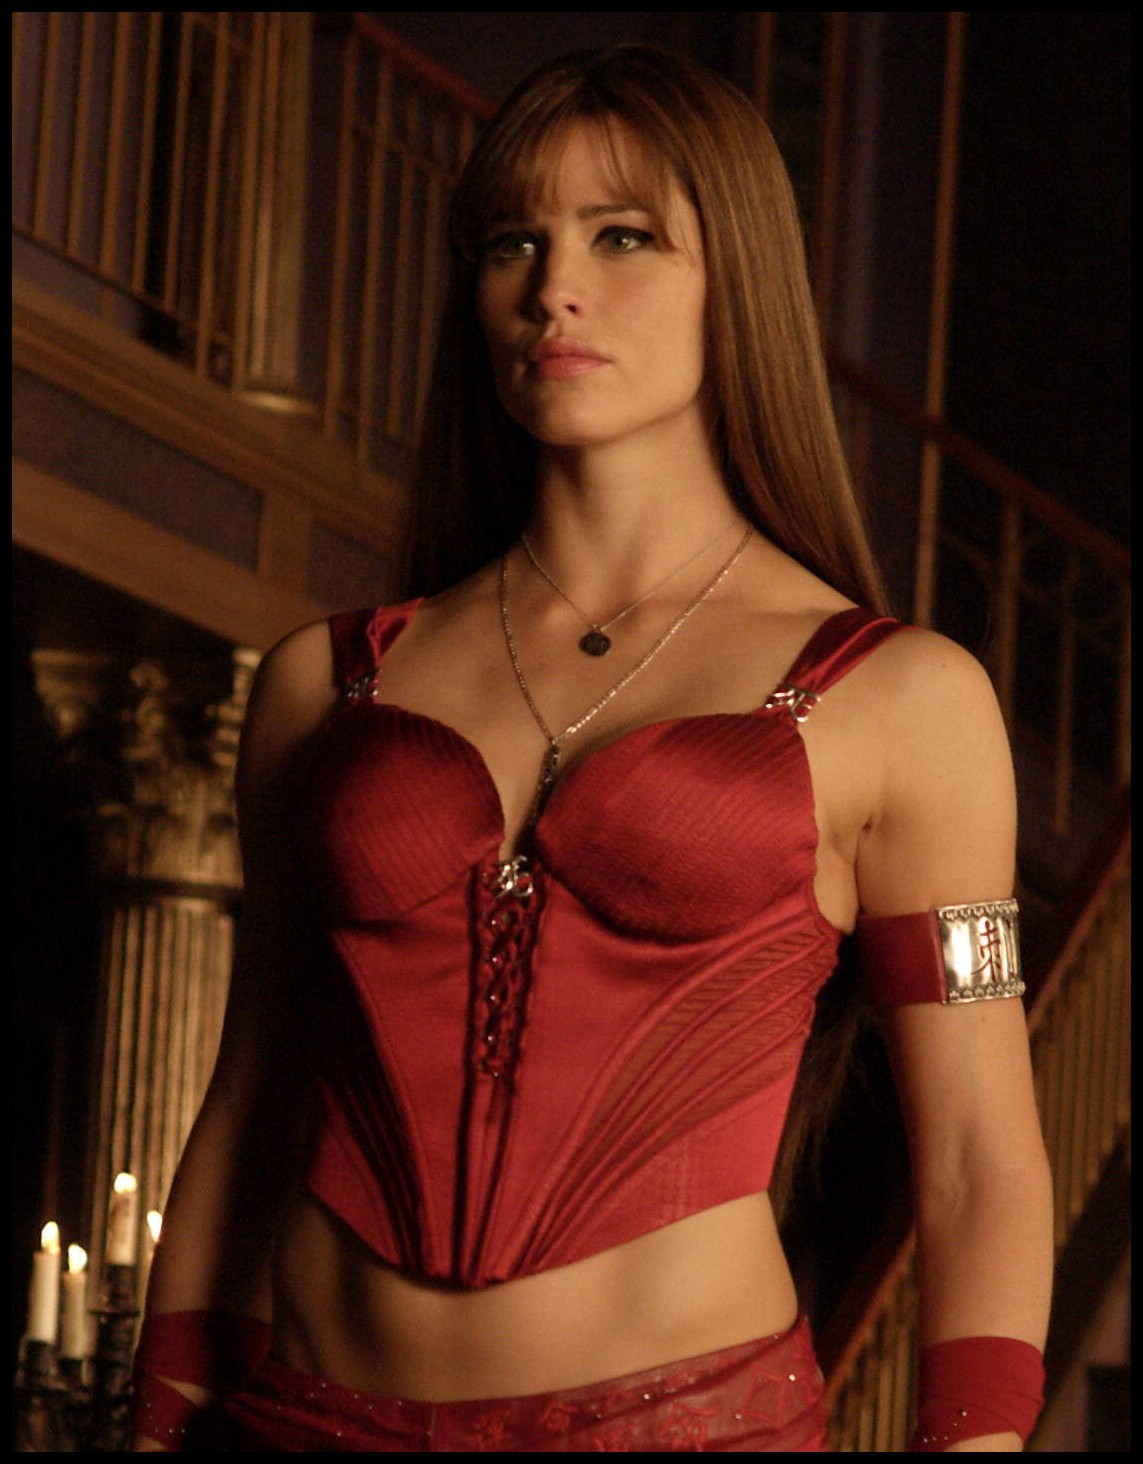 Jennifer garner sexy idea